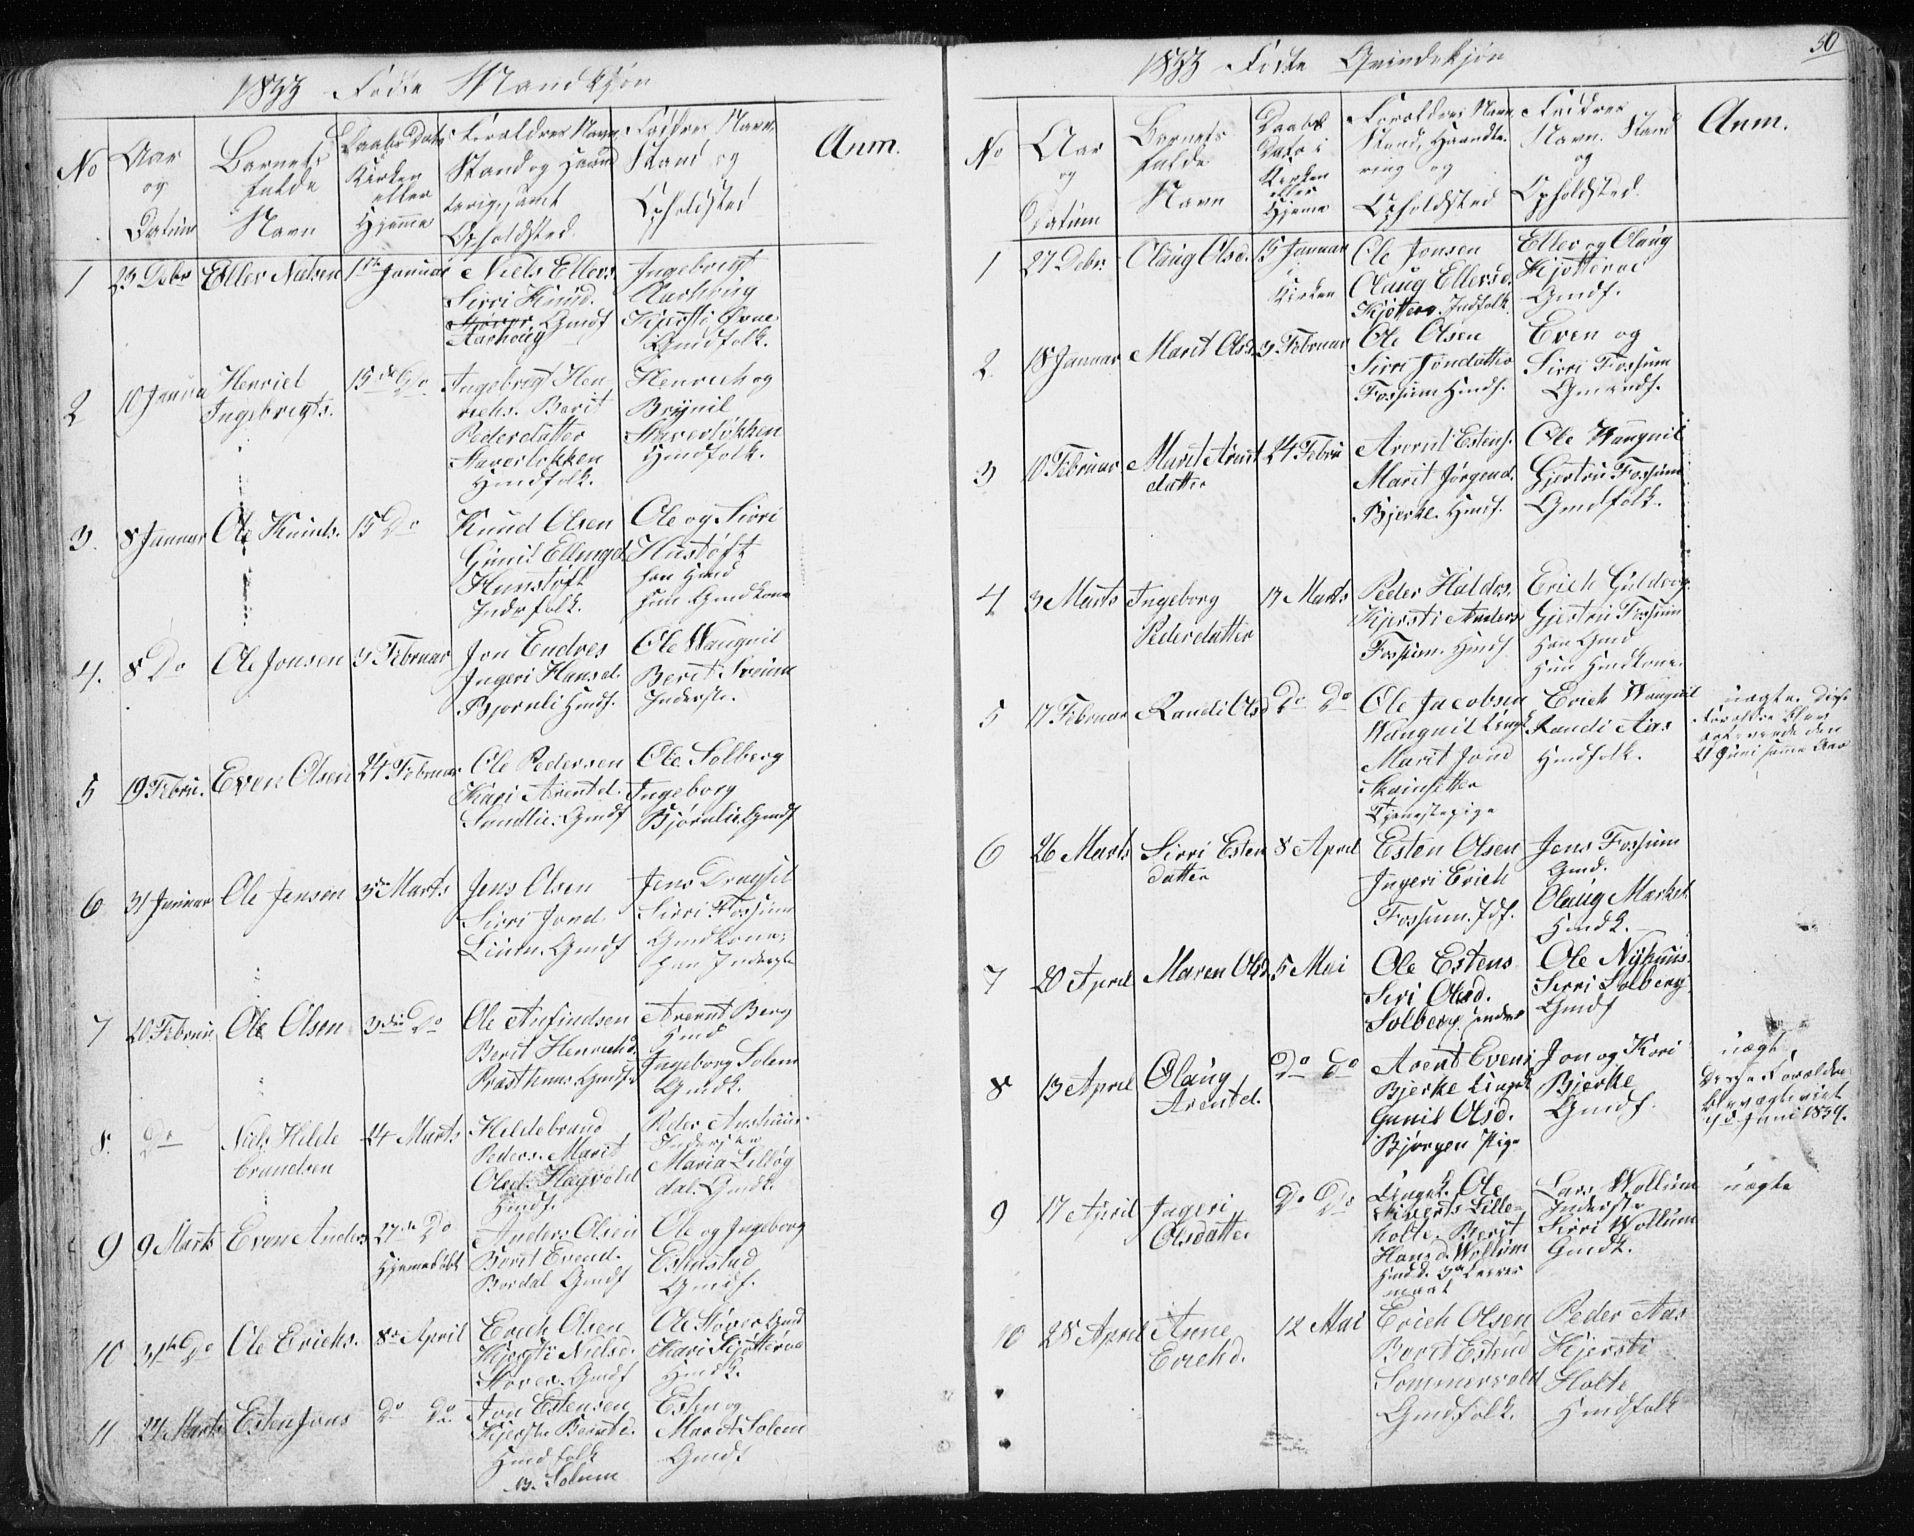 SAT, Ministerialprotokoller, klokkerbøker og fødselsregistre - Sør-Trøndelag, 689/L1043: Klokkerbok nr. 689C02, 1816-1892, s. 50